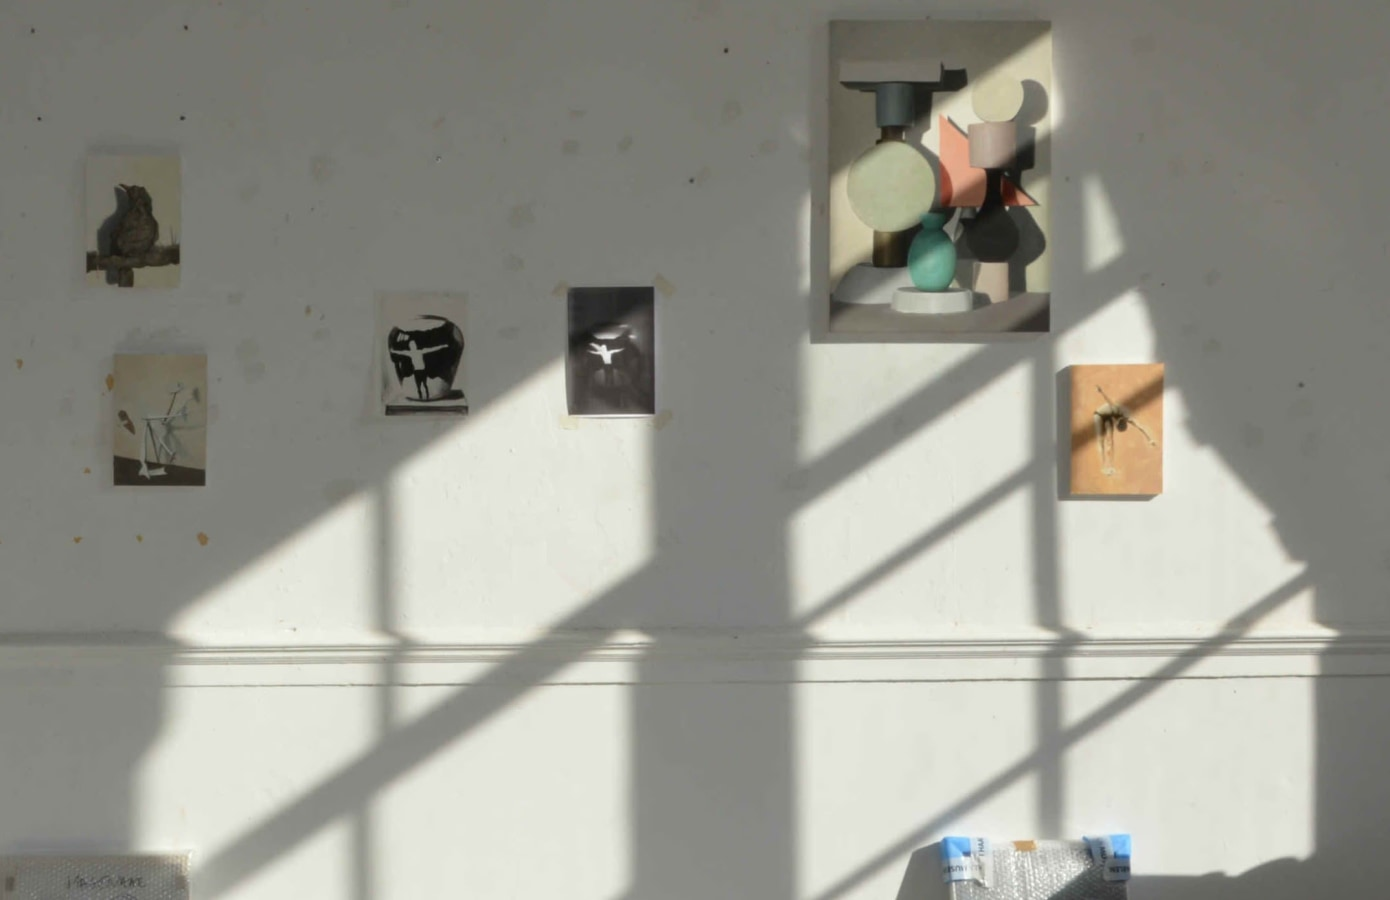 Art Rotterdam 2020, Marliz Frencken, Jasper Hagenaar, Bart Kok, Tanja Ritterbex, Marion Verboom,